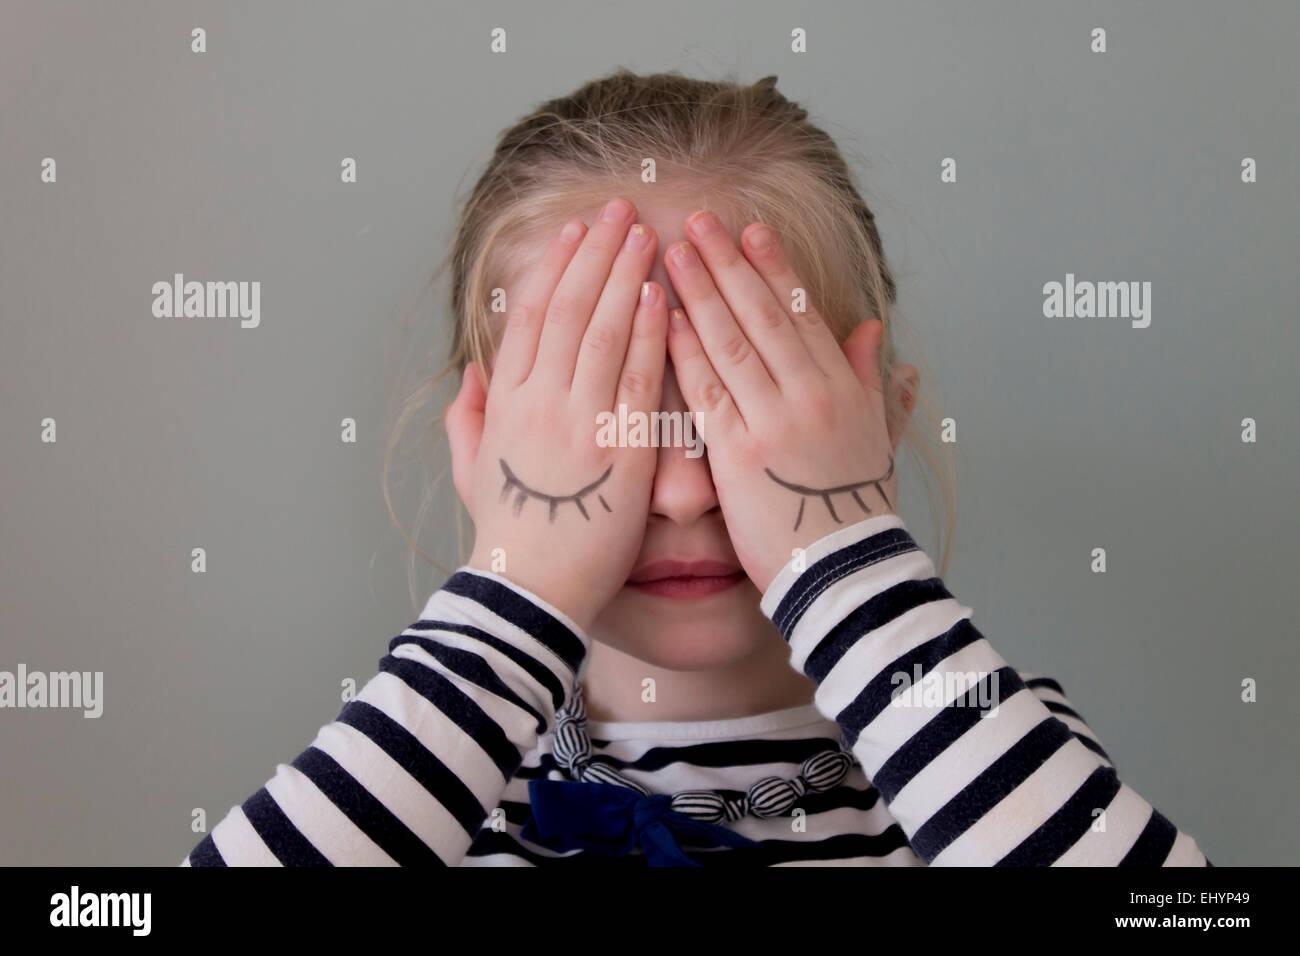 Girl couvrant ses yeux avec des mains qui ont des yeux tirés sur eux Photo Stock